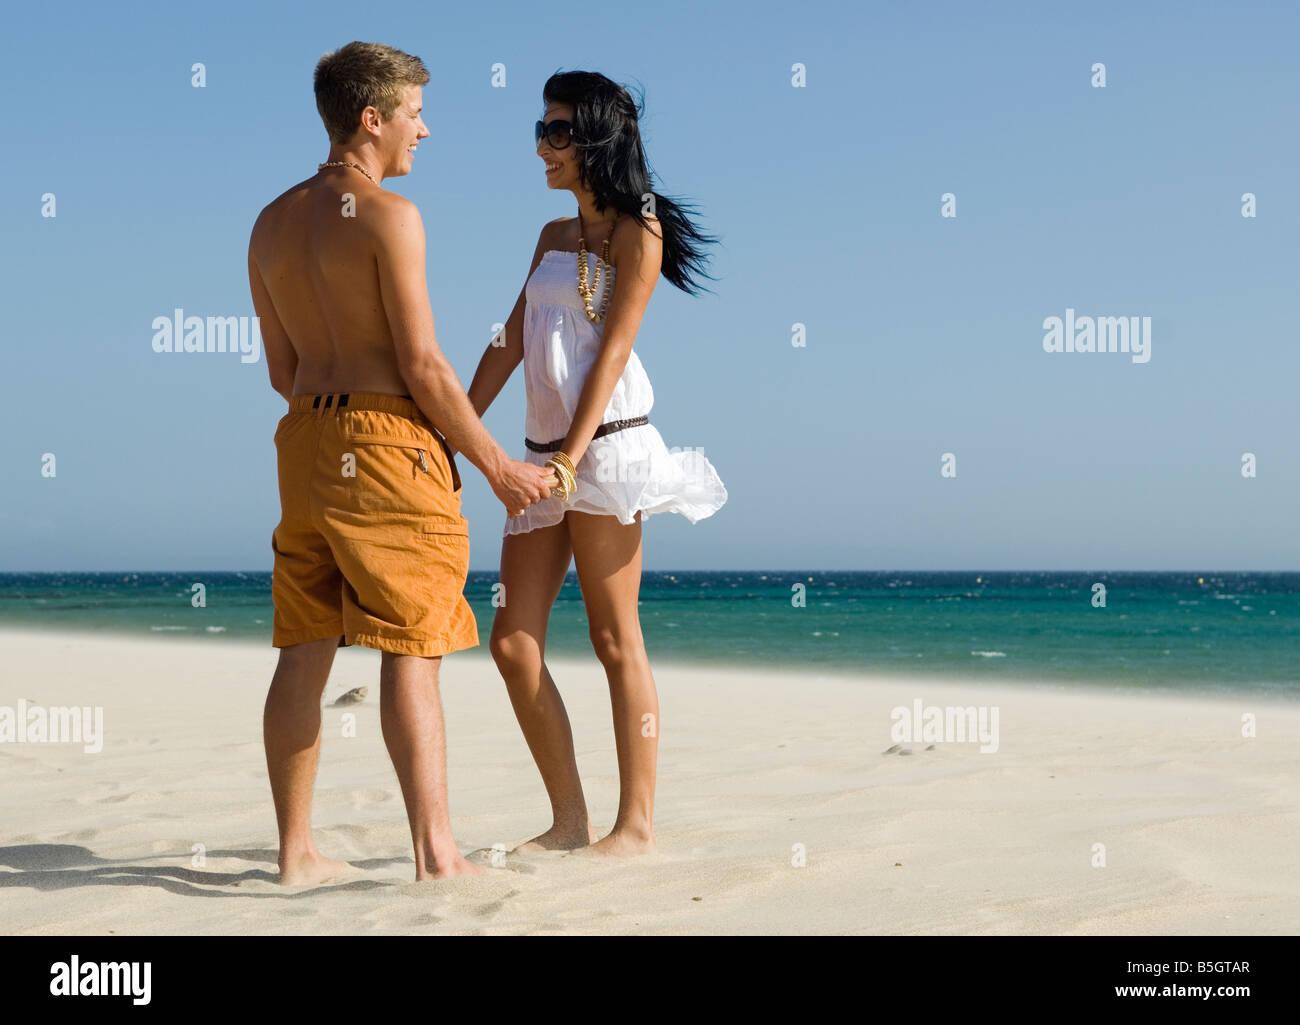 romance on the beach - Stock Image